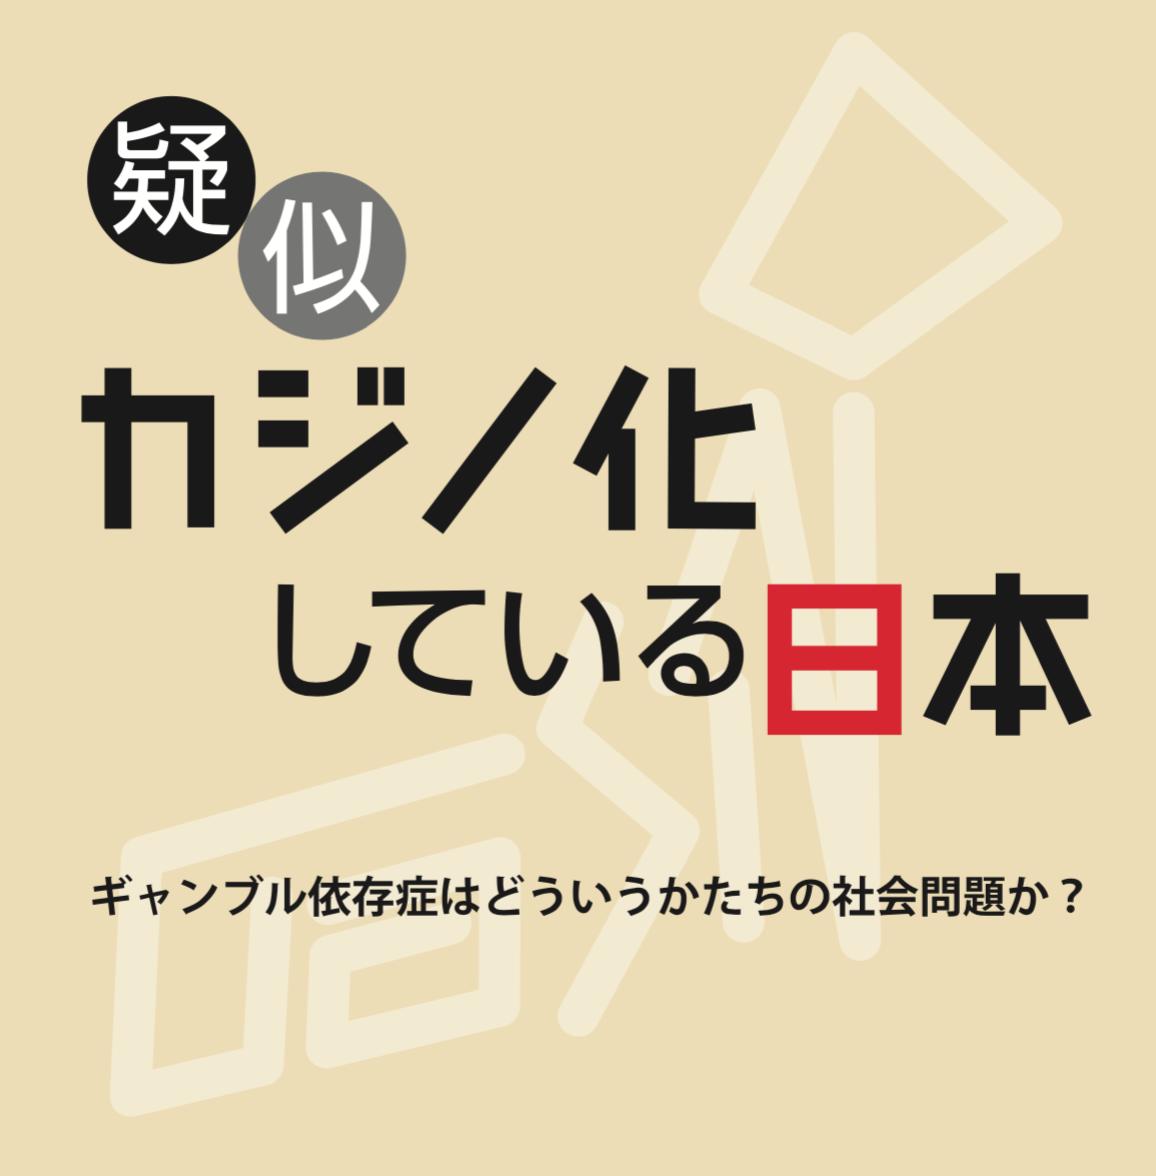 疑似カジノ化している日本